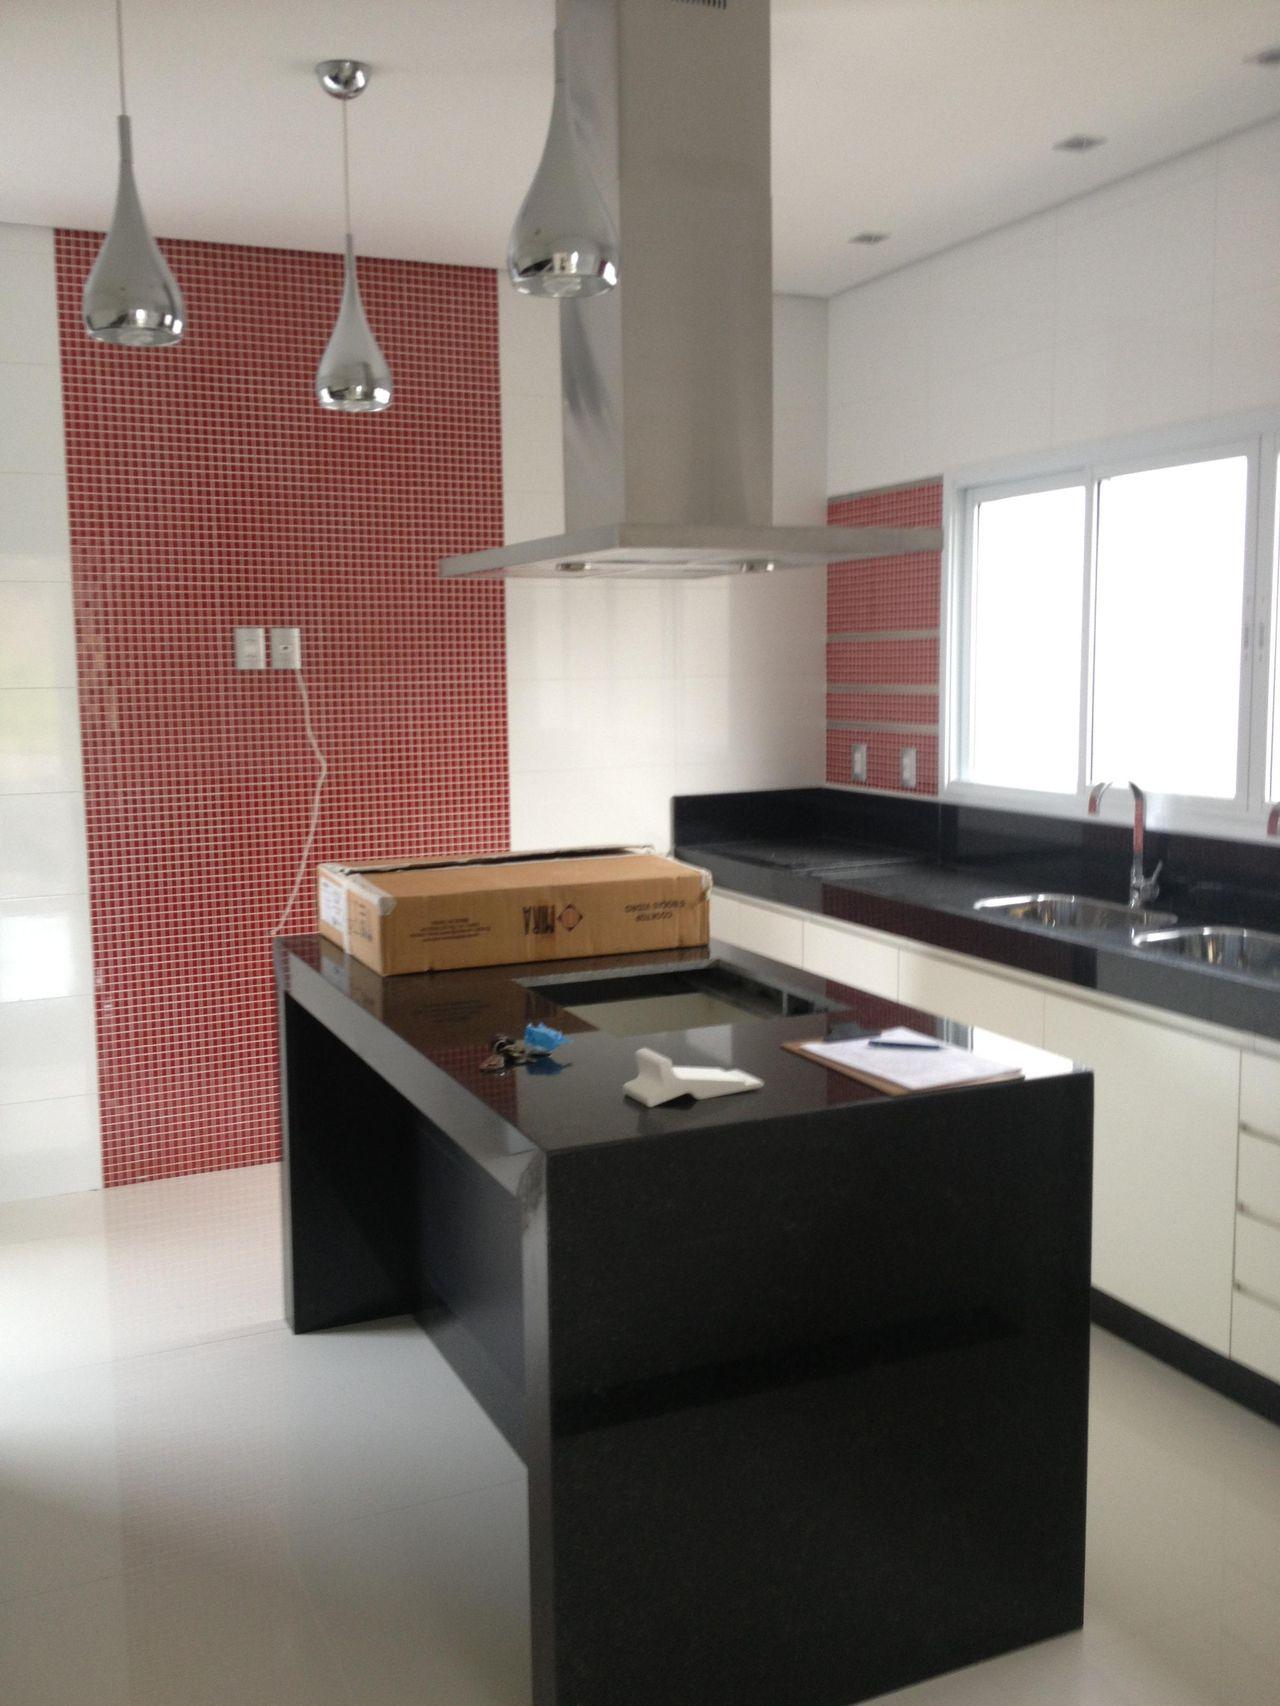 Cozinha Com Pastilhas De Vidro Vermelhas De Camila Amaral 35222 No